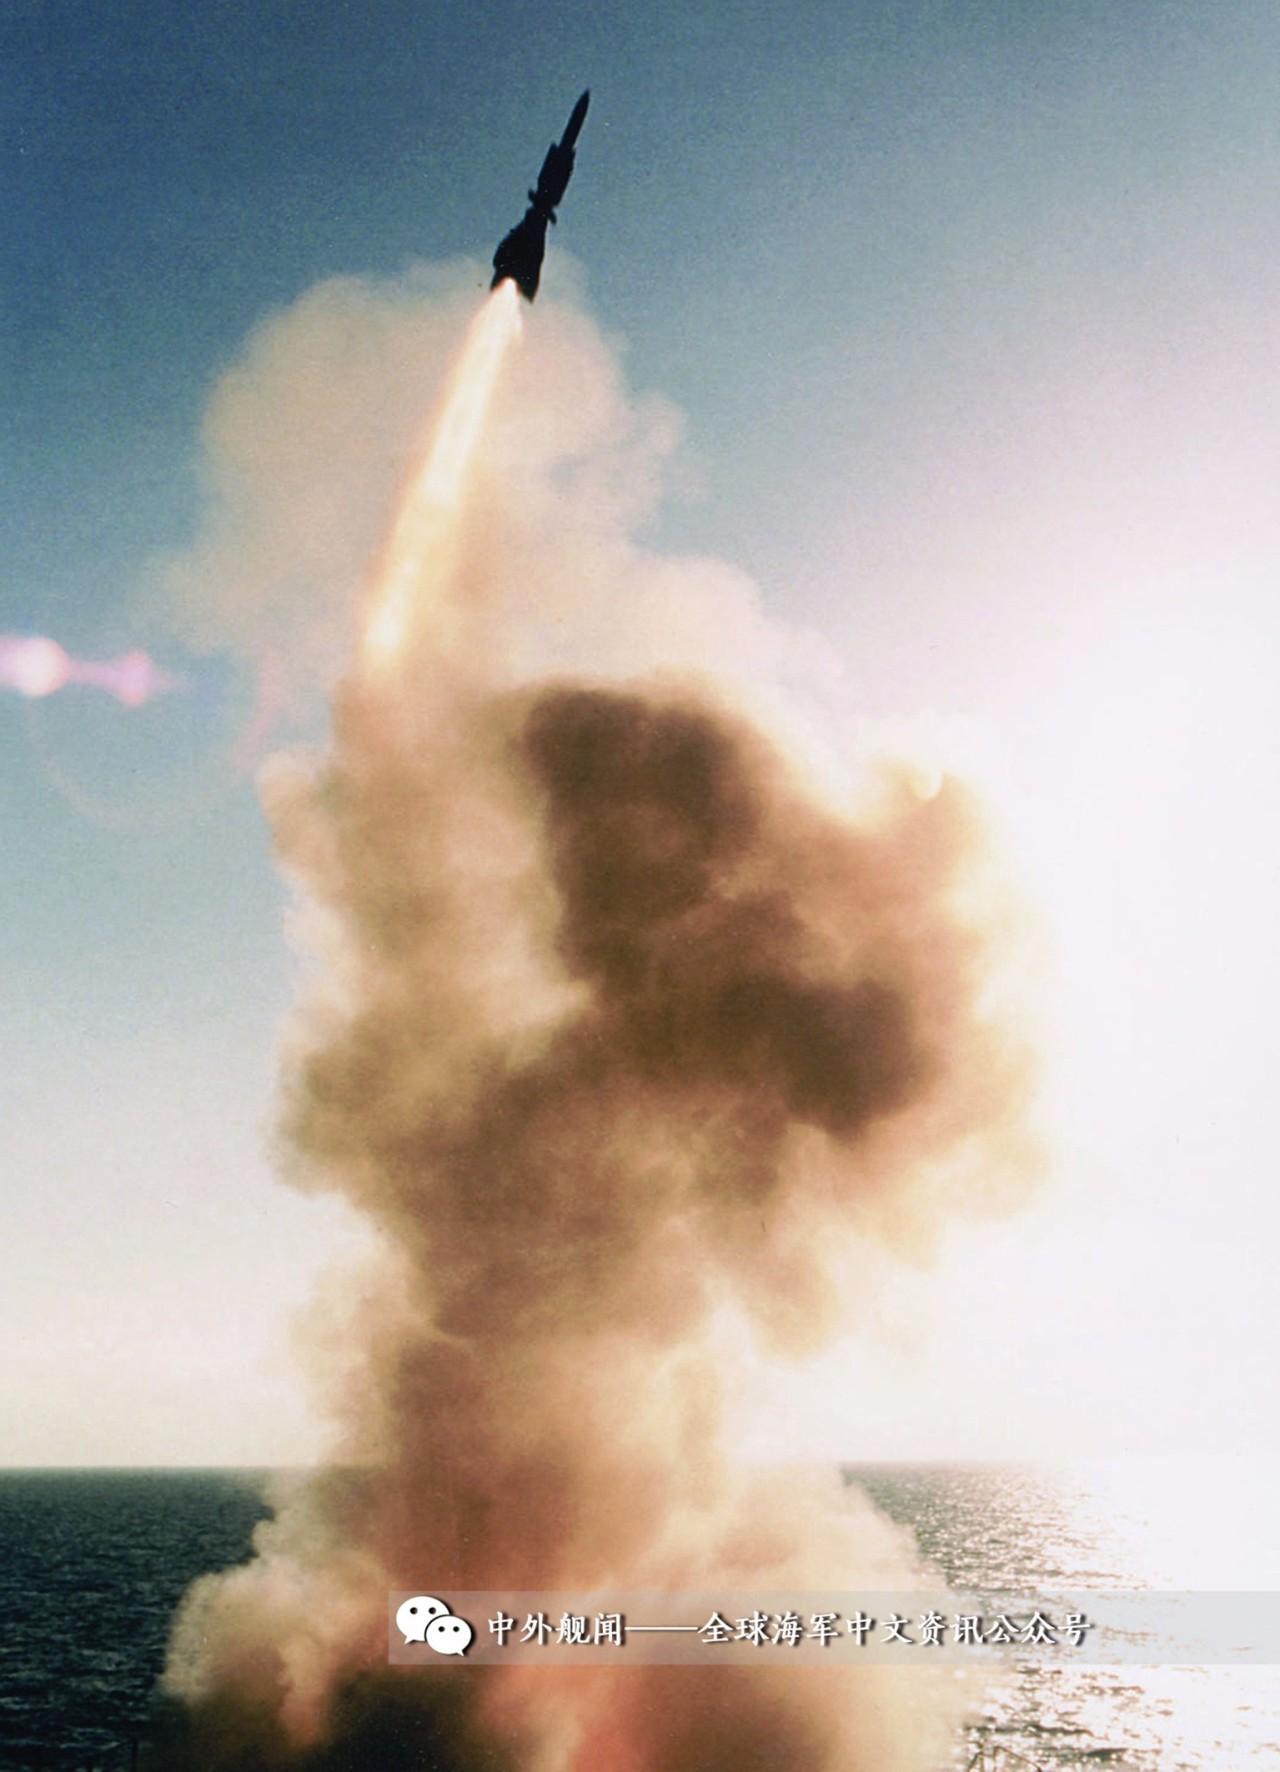 摆脱对美依赖 欧洲阿斯特防空系统发展反导能力